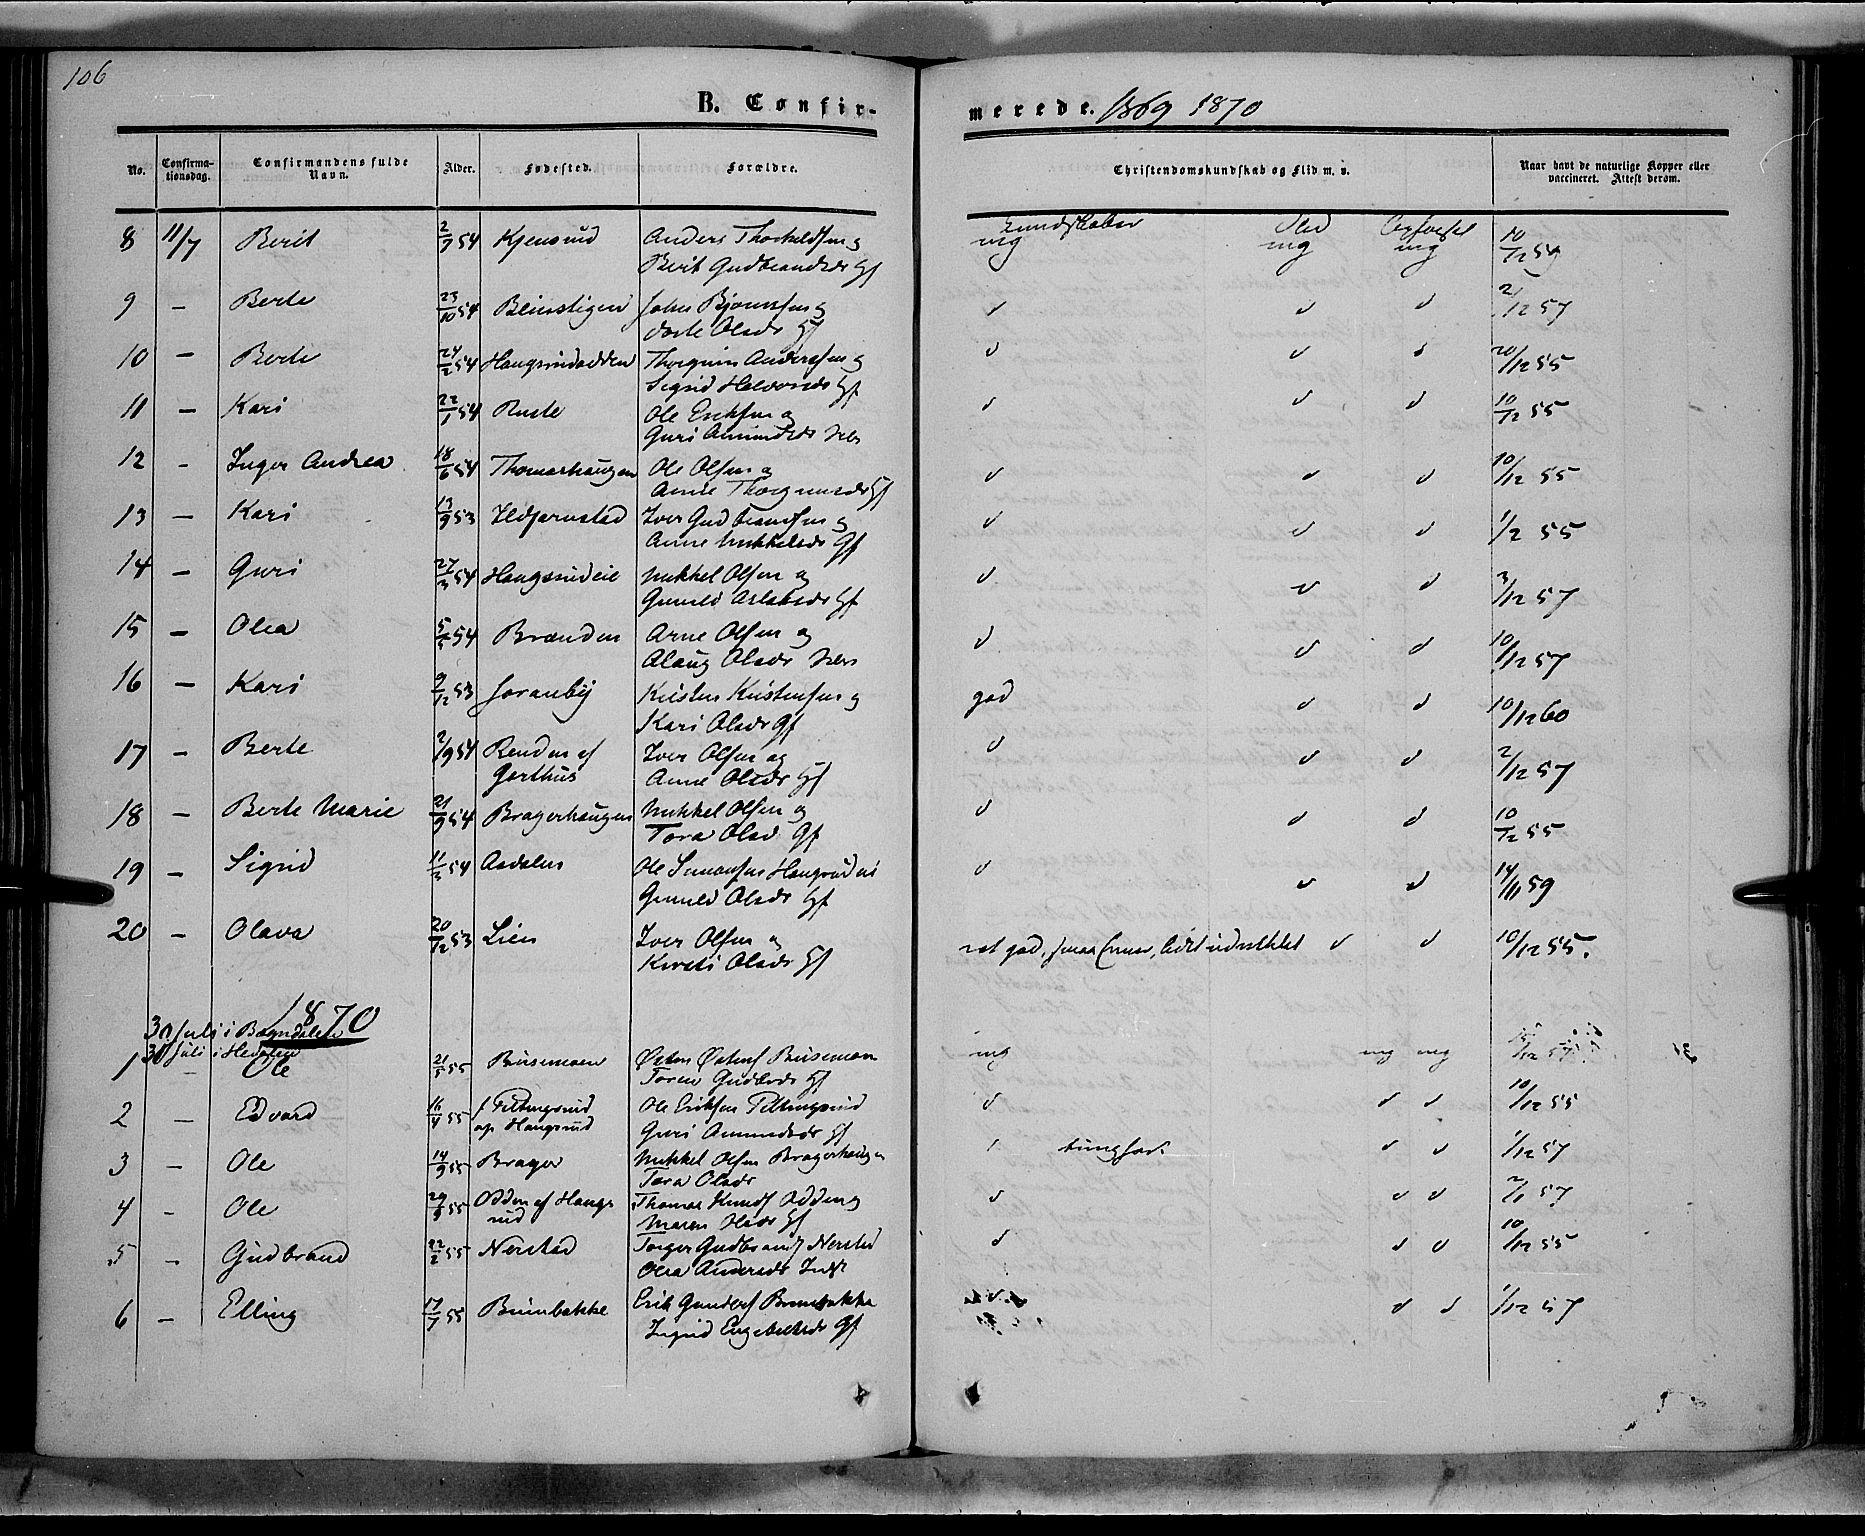 SAH, Sør-Aurdal prestekontor, Ministerialbok nr. 7, 1849-1876, s. 106